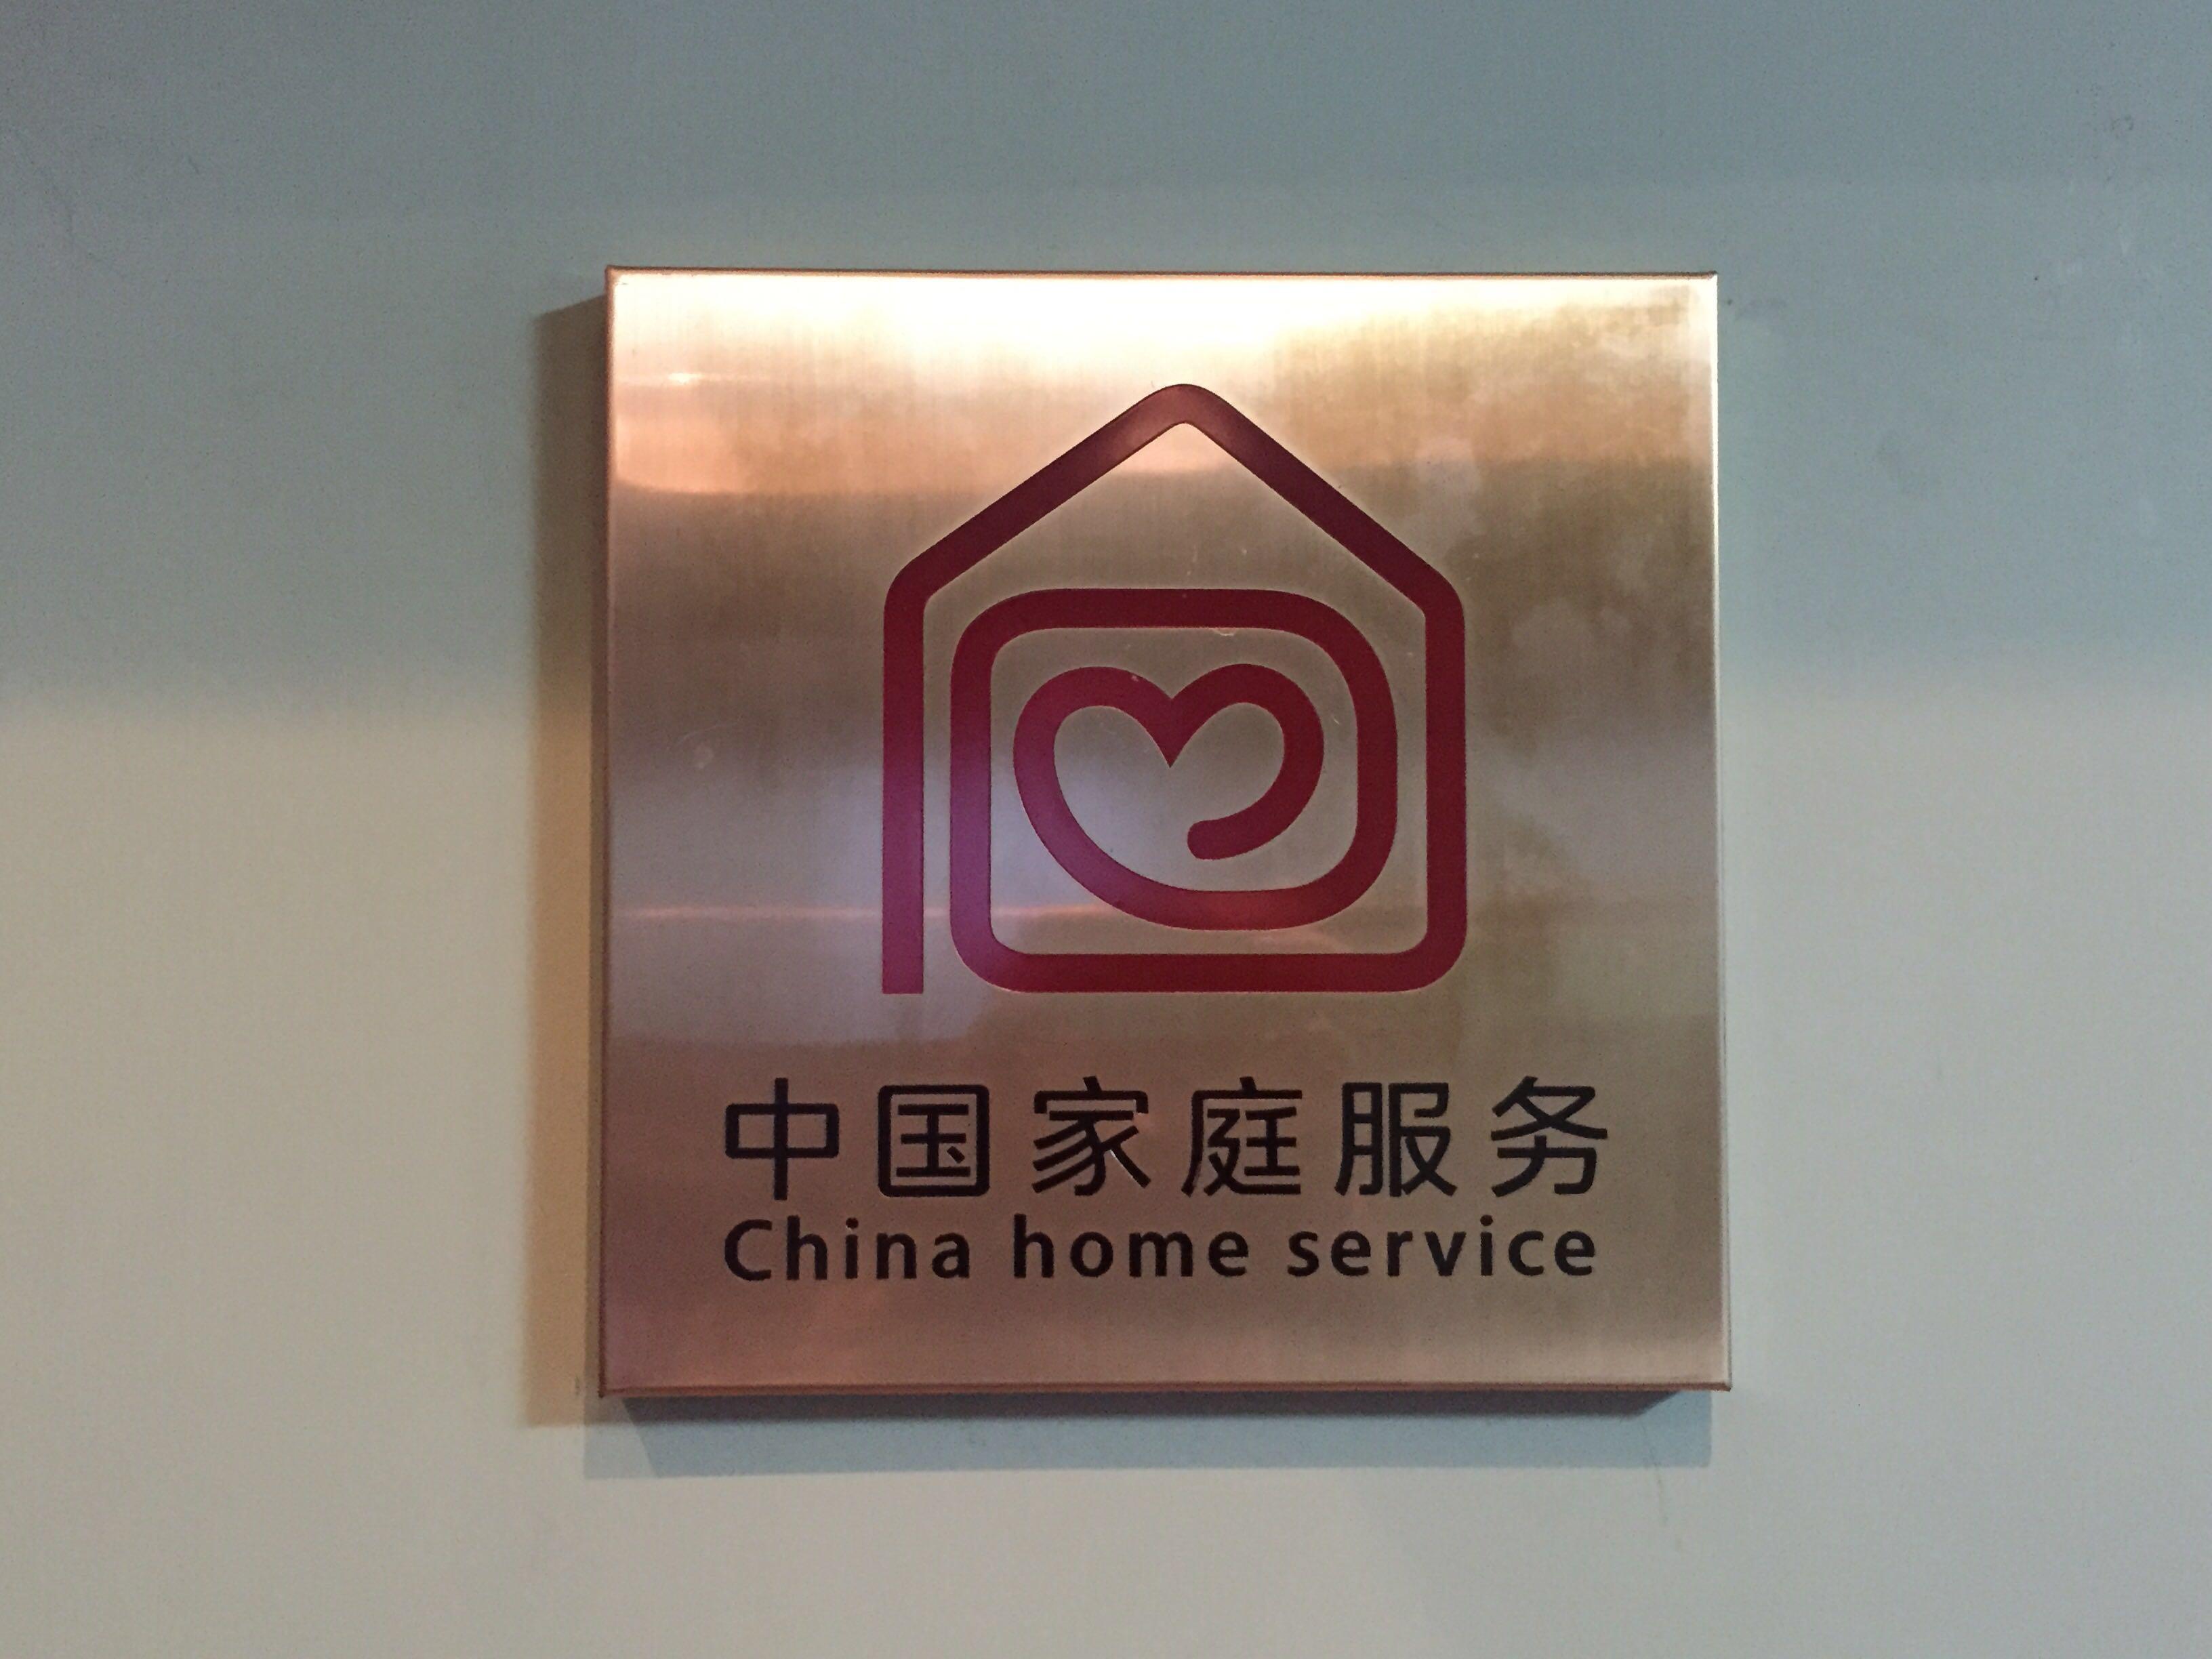 中国家庭服务